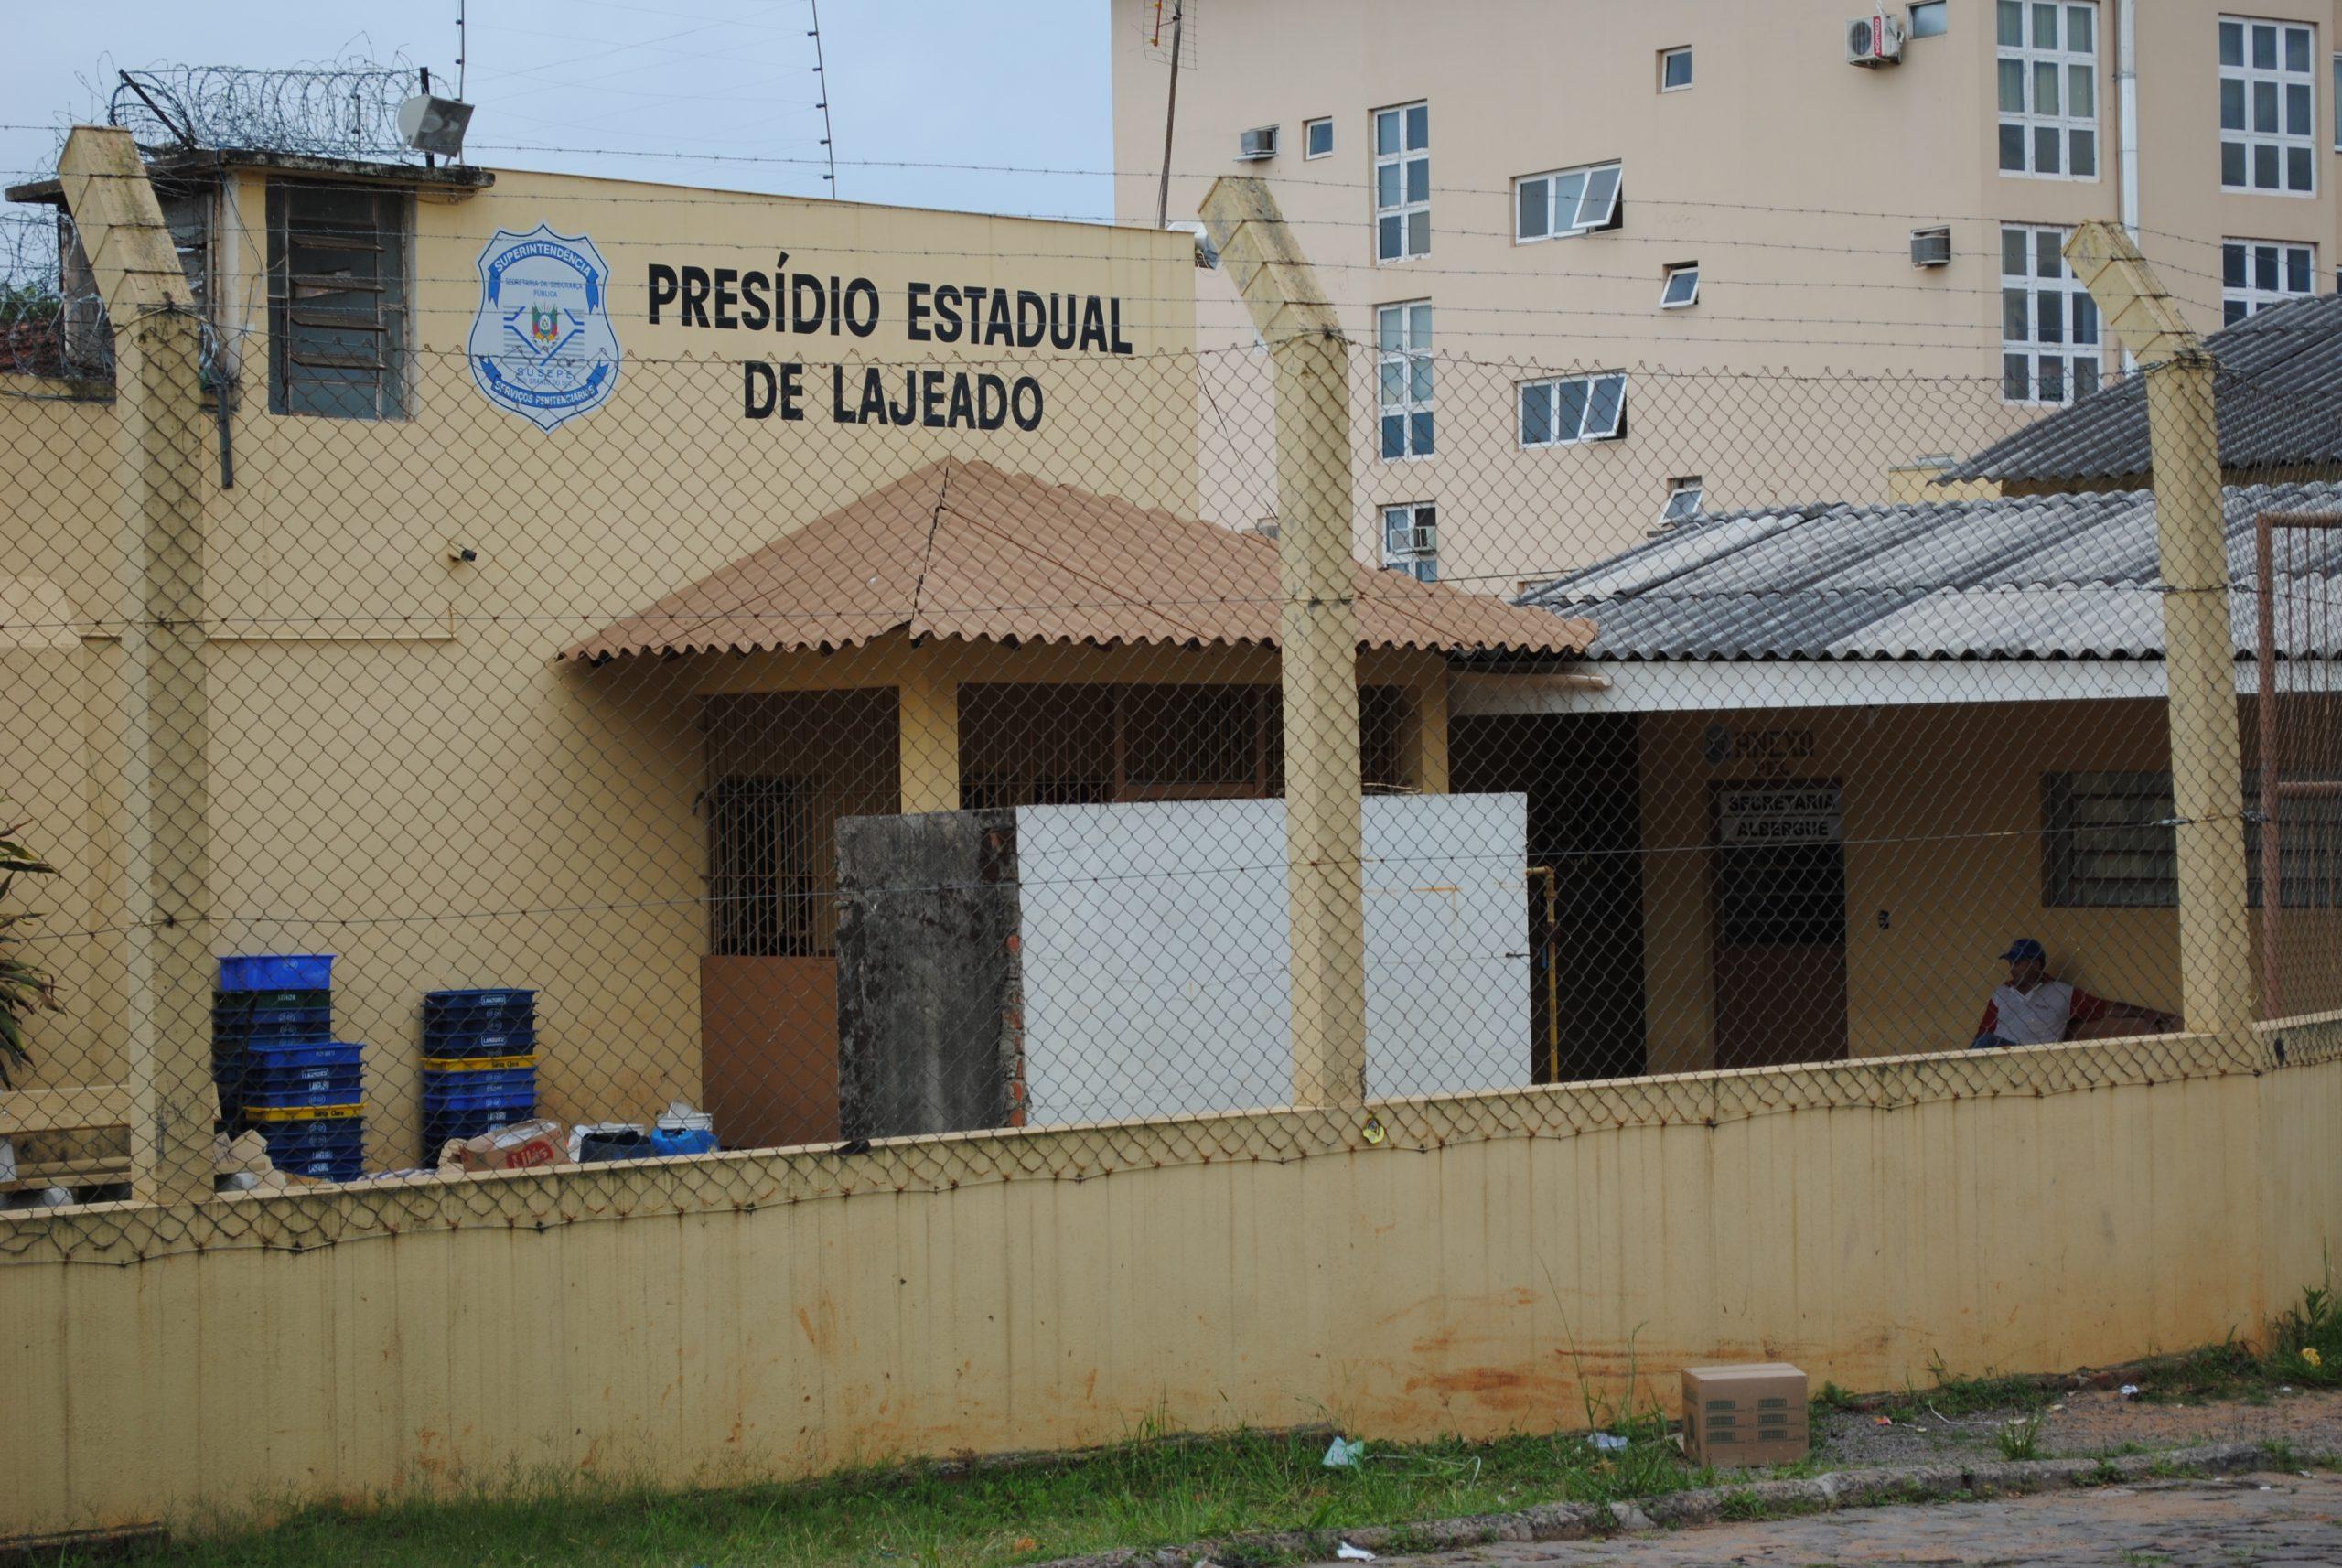 Preso é diagnosticado com covid-19 em Lajeado